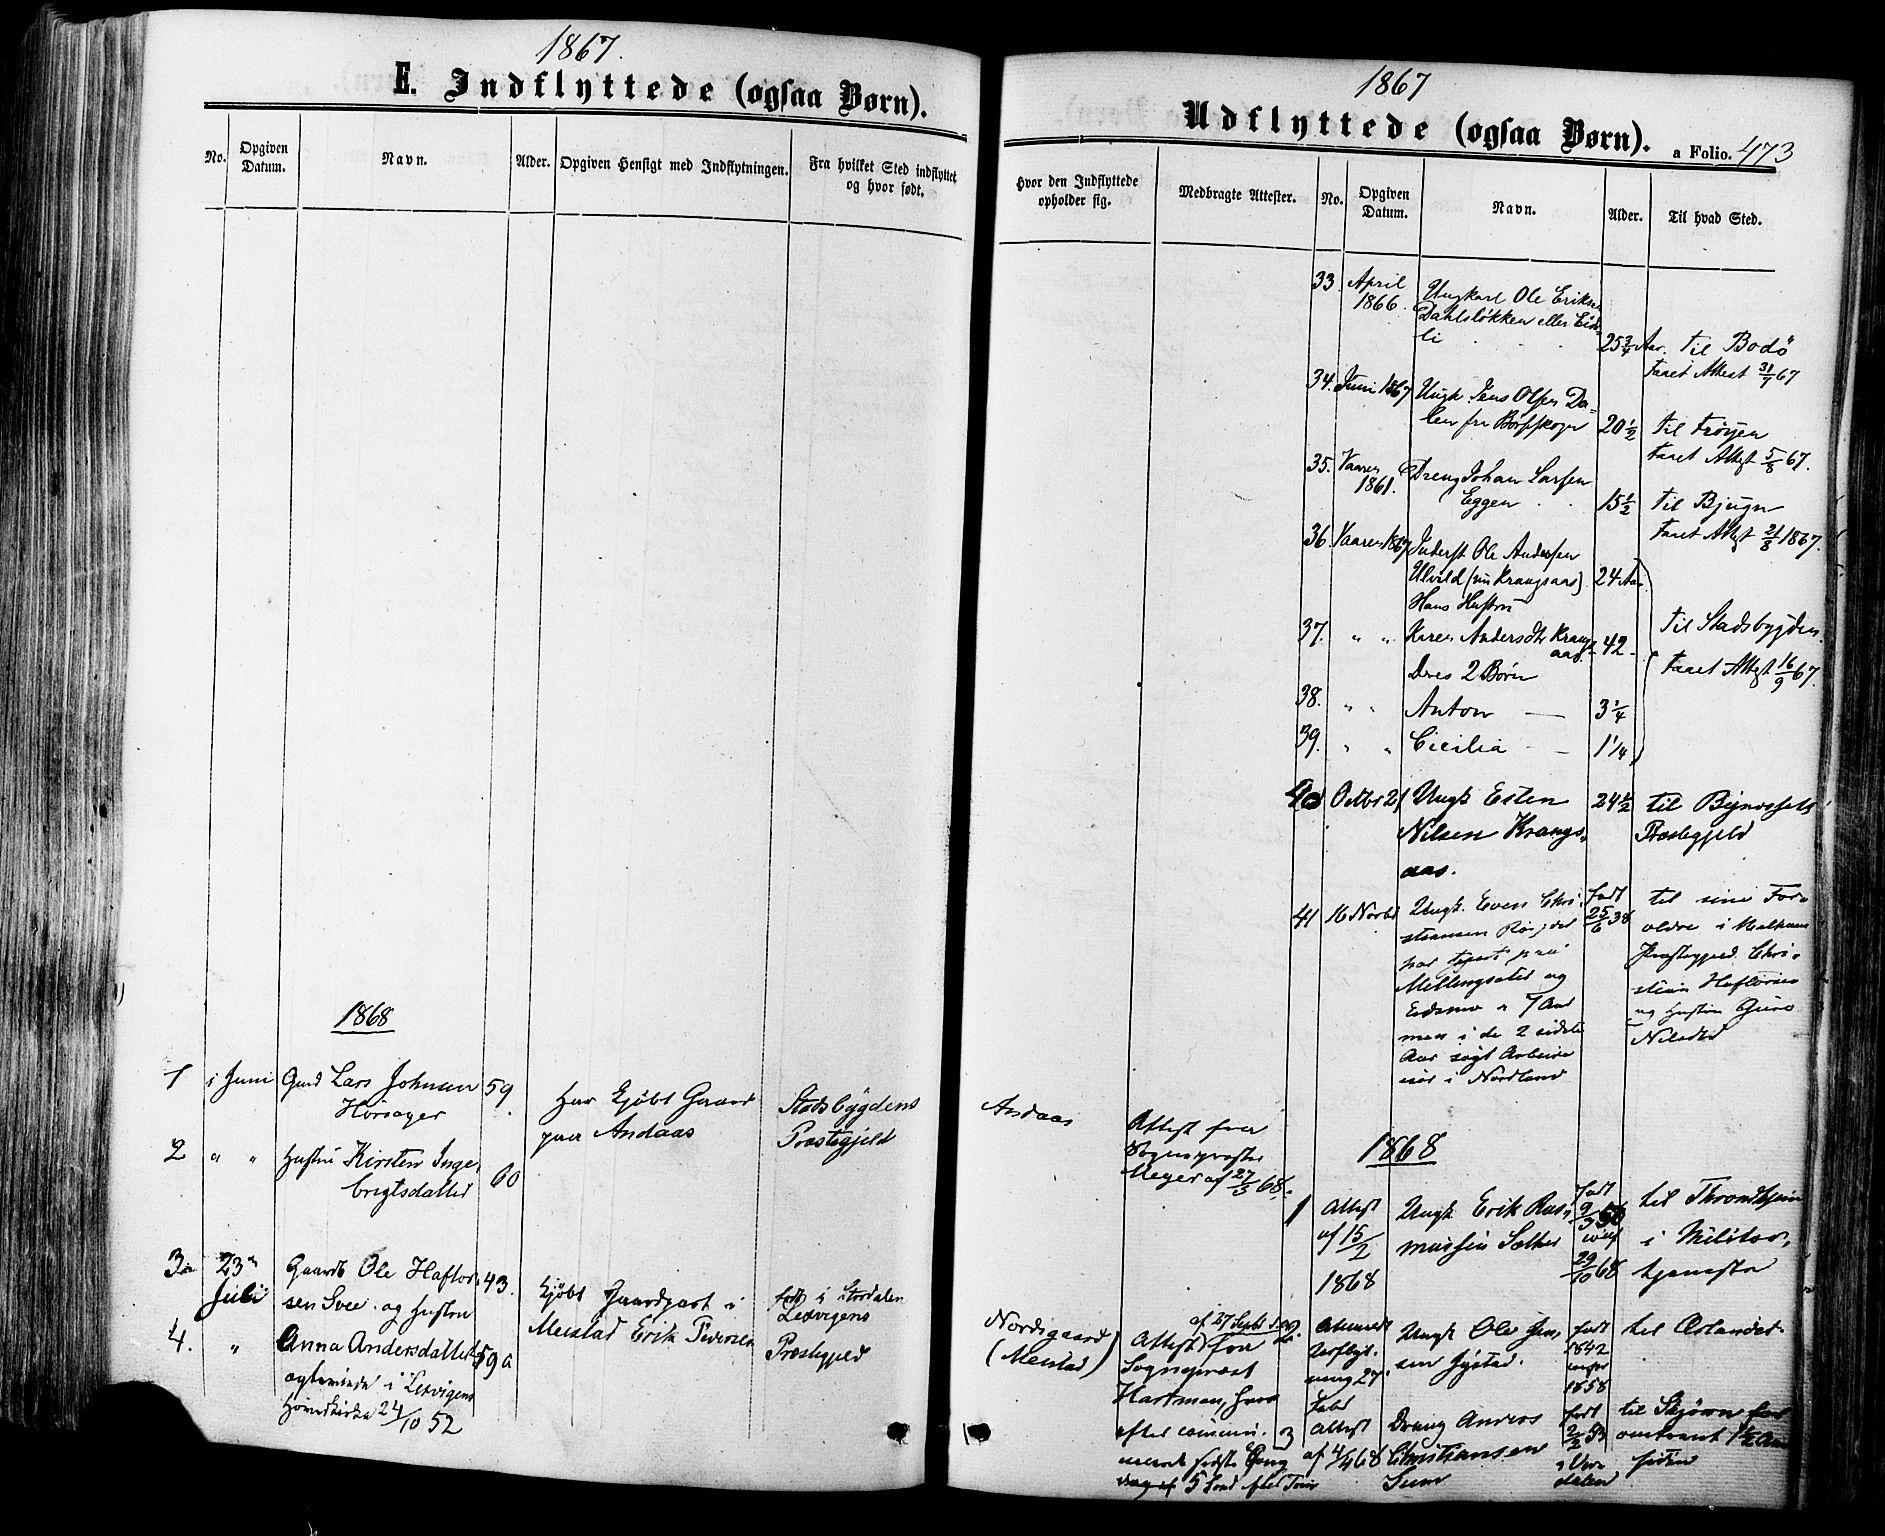 SAT, Ministerialprotokoller, klokkerbøker og fødselsregistre - Sør-Trøndelag, 665/L0772: Ministerialbok nr. 665A07, 1856-1878, s. 473